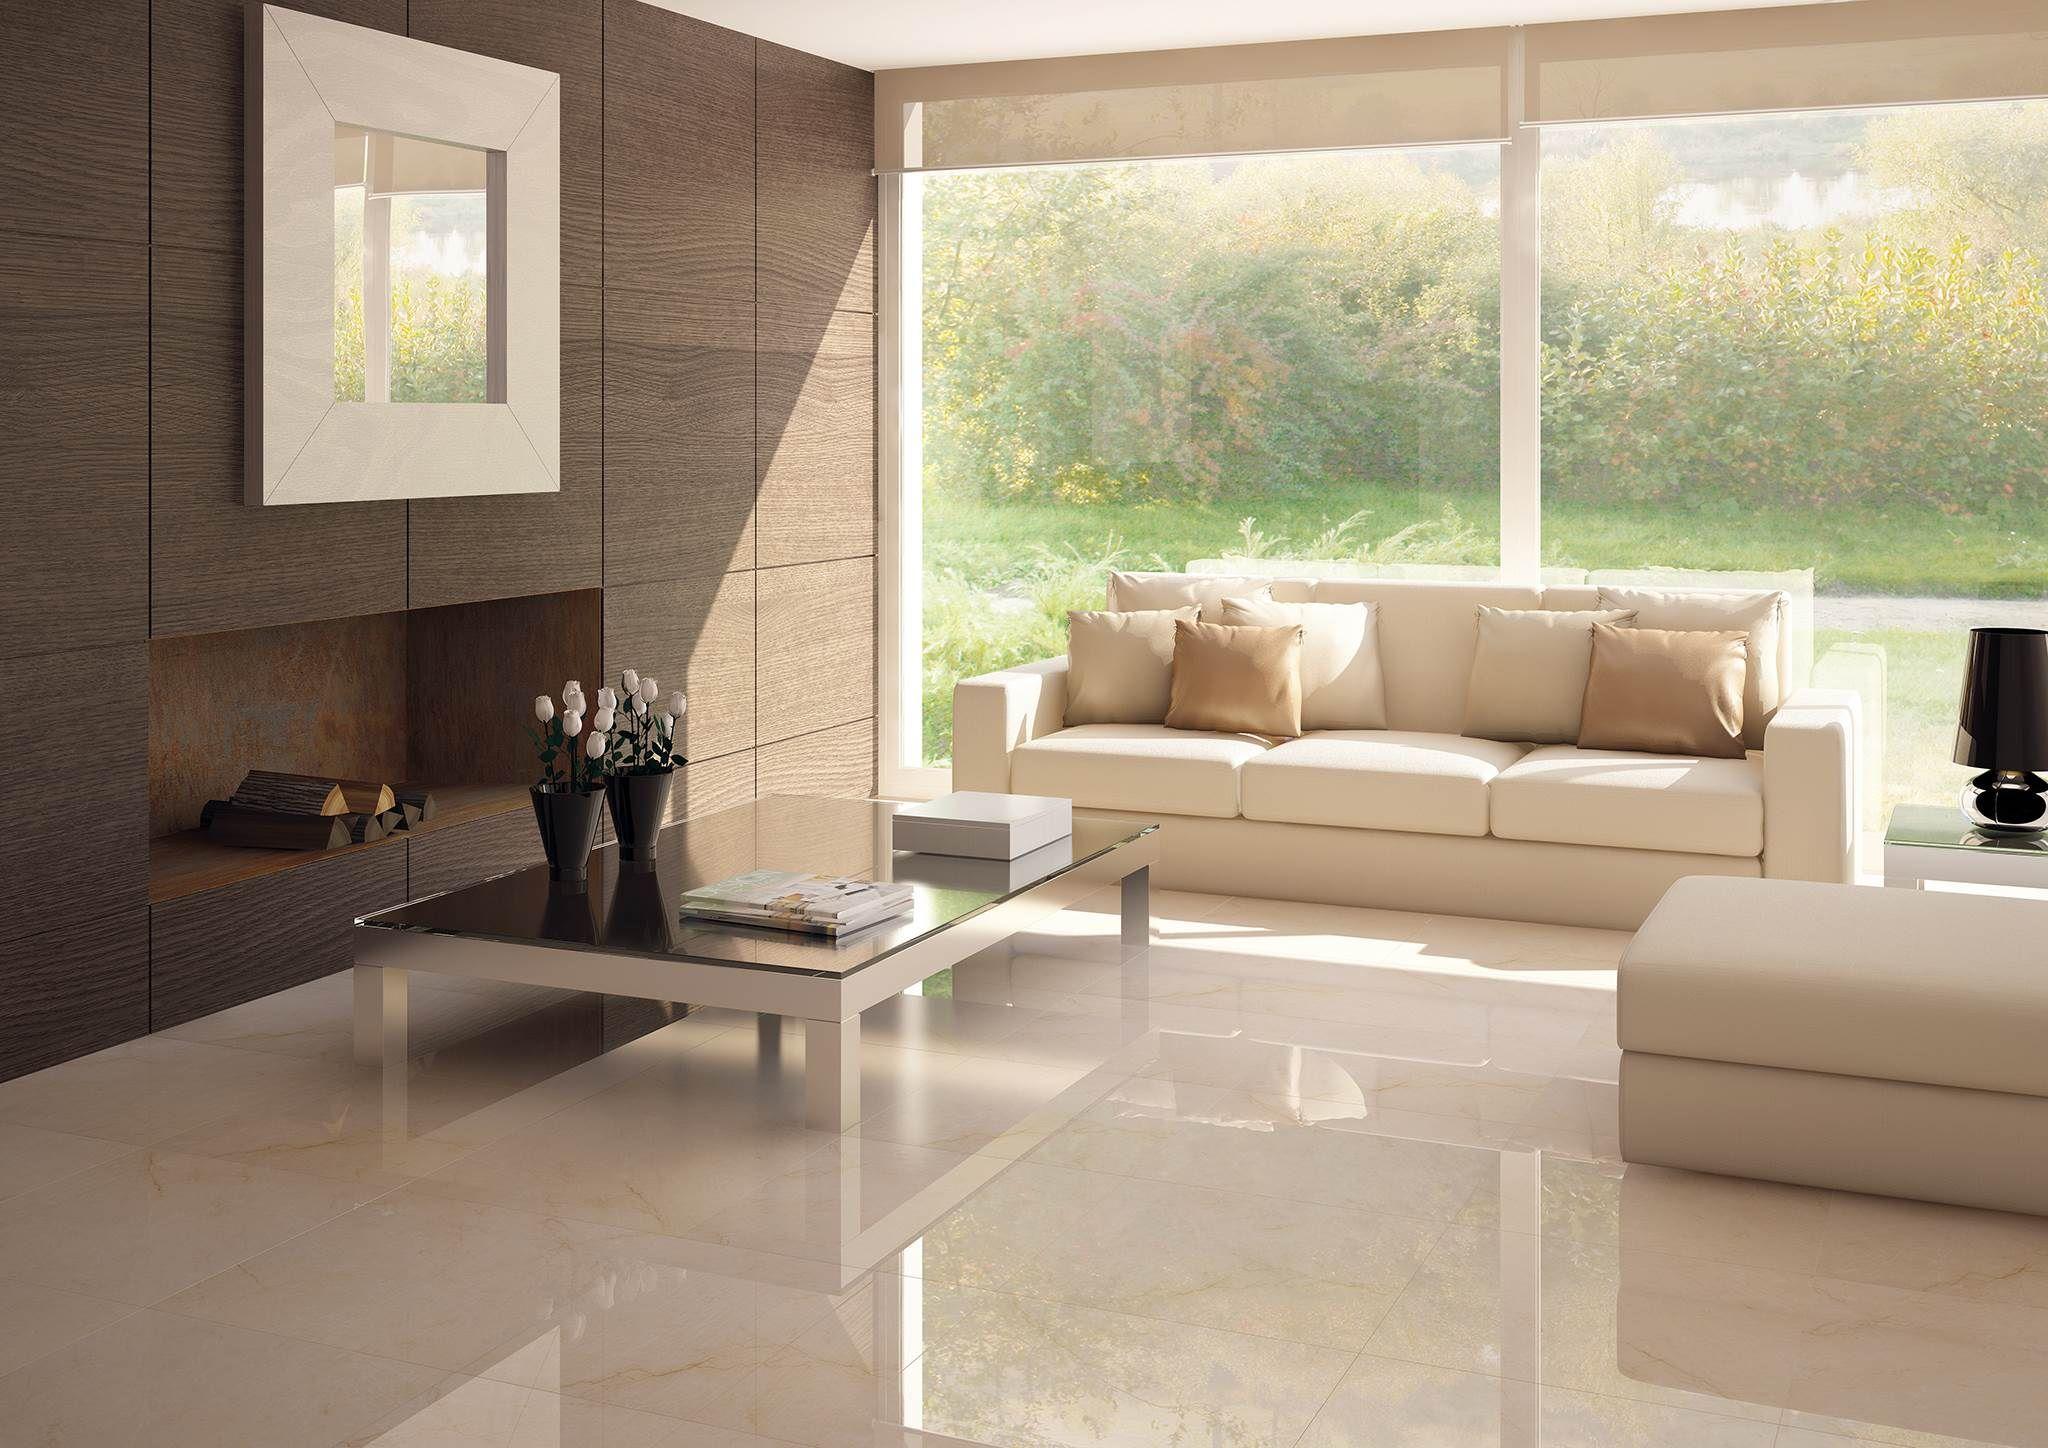 Porcel nico imitaci n al m rmol brillo modelo mitral for Porcelanico imitacion marmol